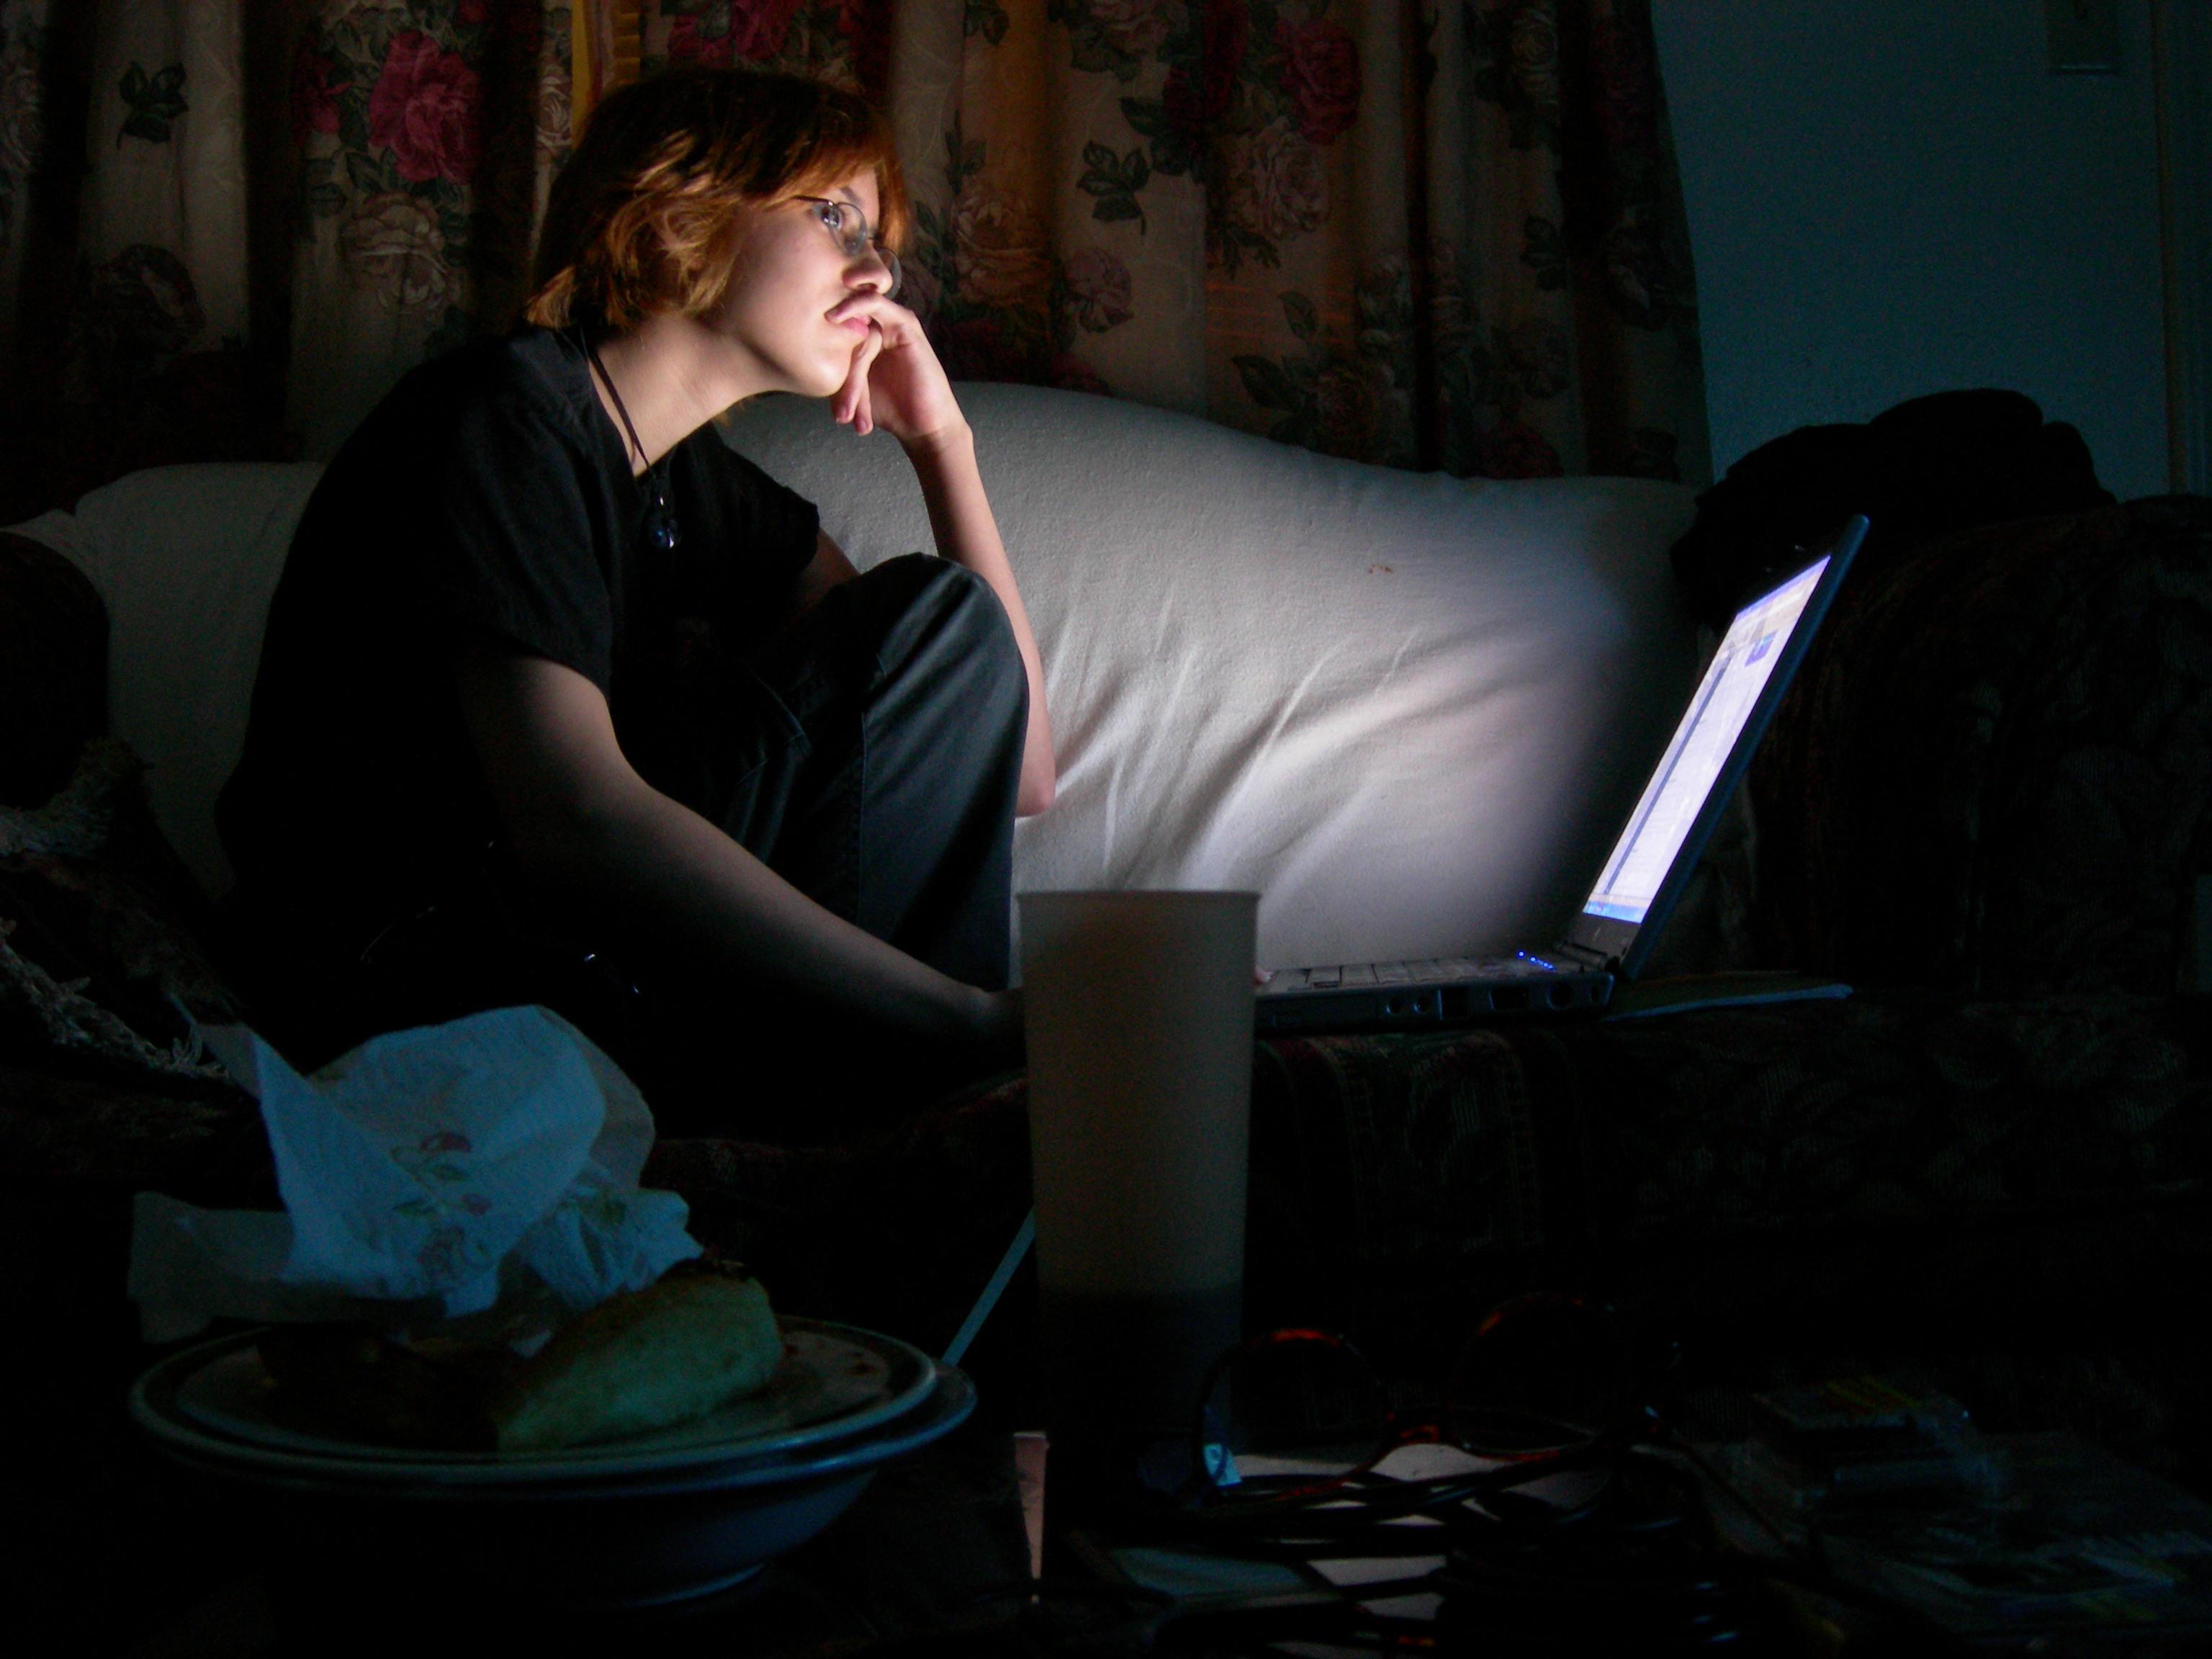 مخاطر إستعمال الانترنيت قبل النوم By_Dark_Of_Night_and_Laptop____by_LunaNeko